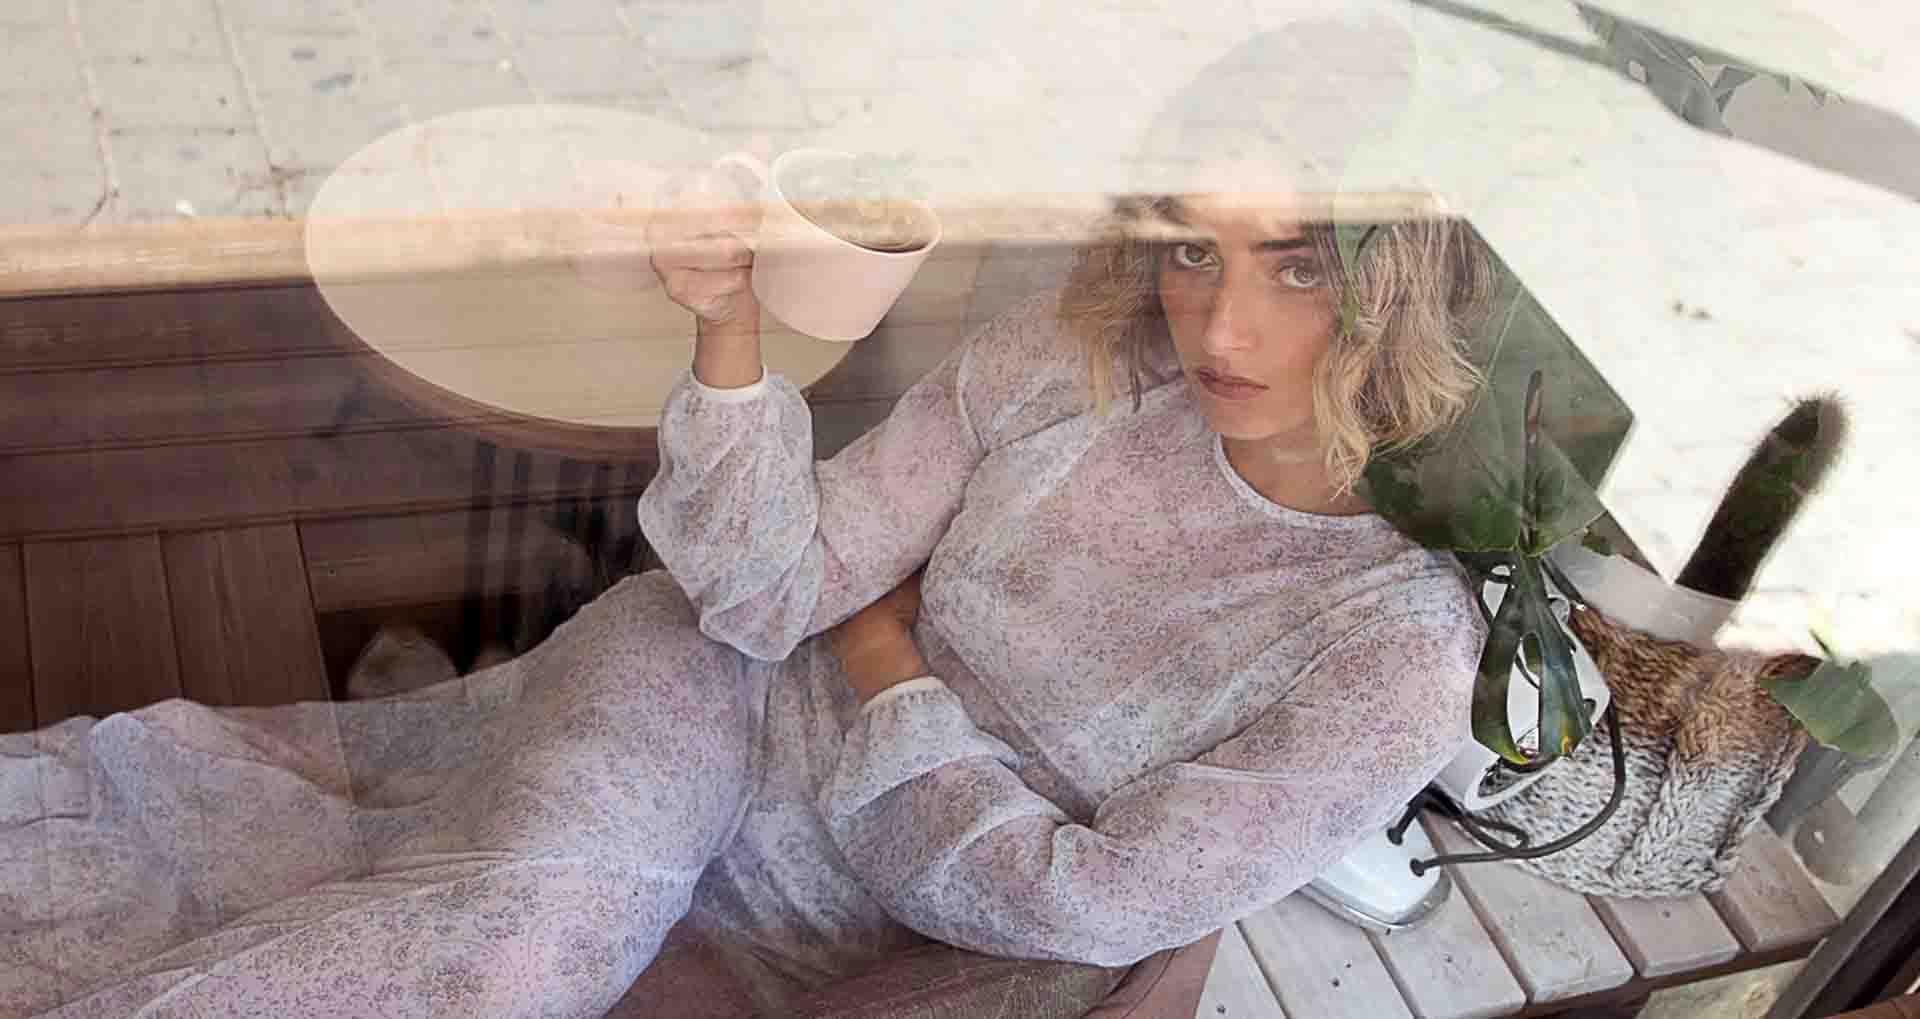 שמלה: נו זוהר ברמי, צילום: סתיו הוכמן, סטיילינג: אמלי לב, איפור: זארו גנדור, דוגמנית: אני קילדזה-3